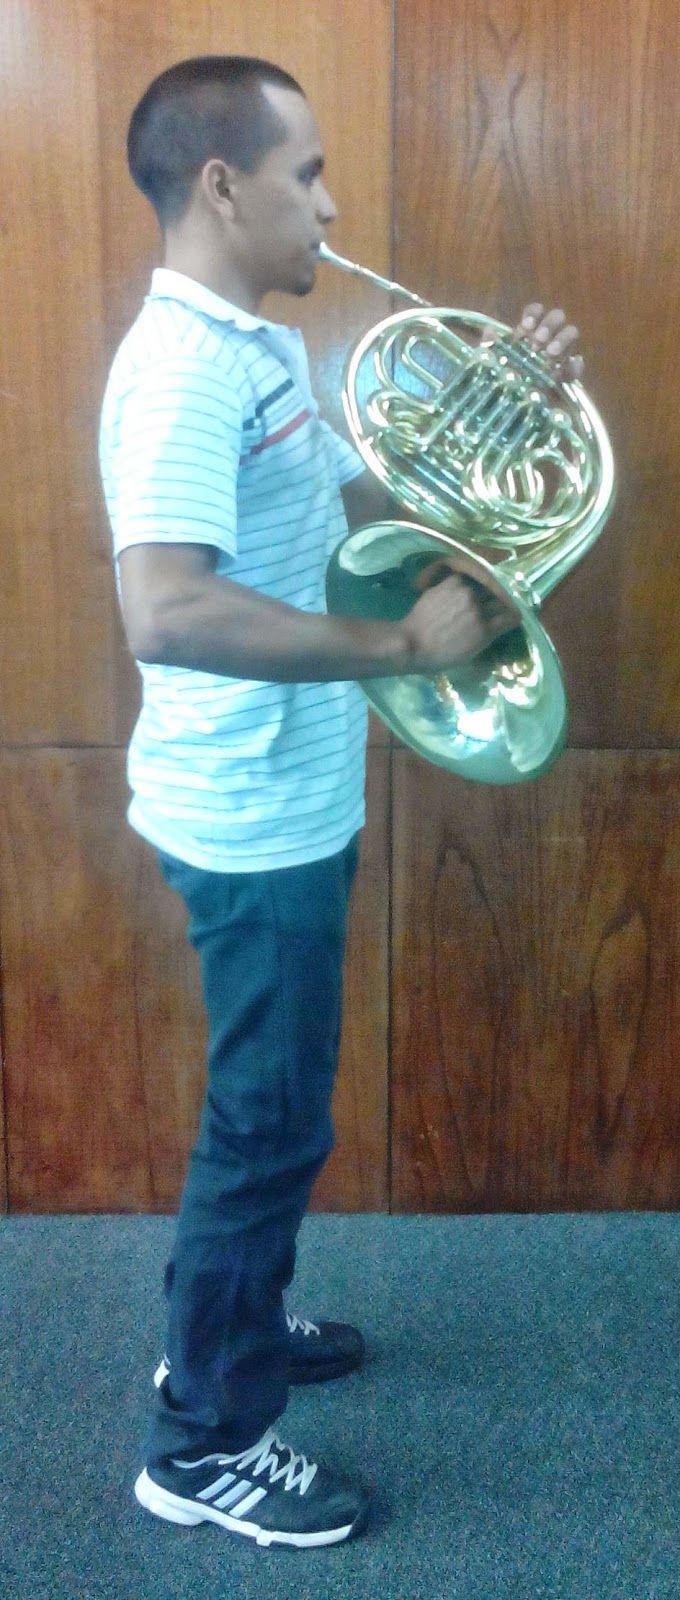 """El Corno Francés: El corno francés es un instrumento de viento metal muy versátil, el cual nos permite mediante una gran variedad de armónicos y sonidos, construir diversas formas musicales con sonidos exóticos, este instrumento se remonta siglos atrás cuando era conocido como """"cuerno de caza"""" y era utilizado principalmente para convocar ejércitos a la guerra, al igual que para las temporadas de caza."""